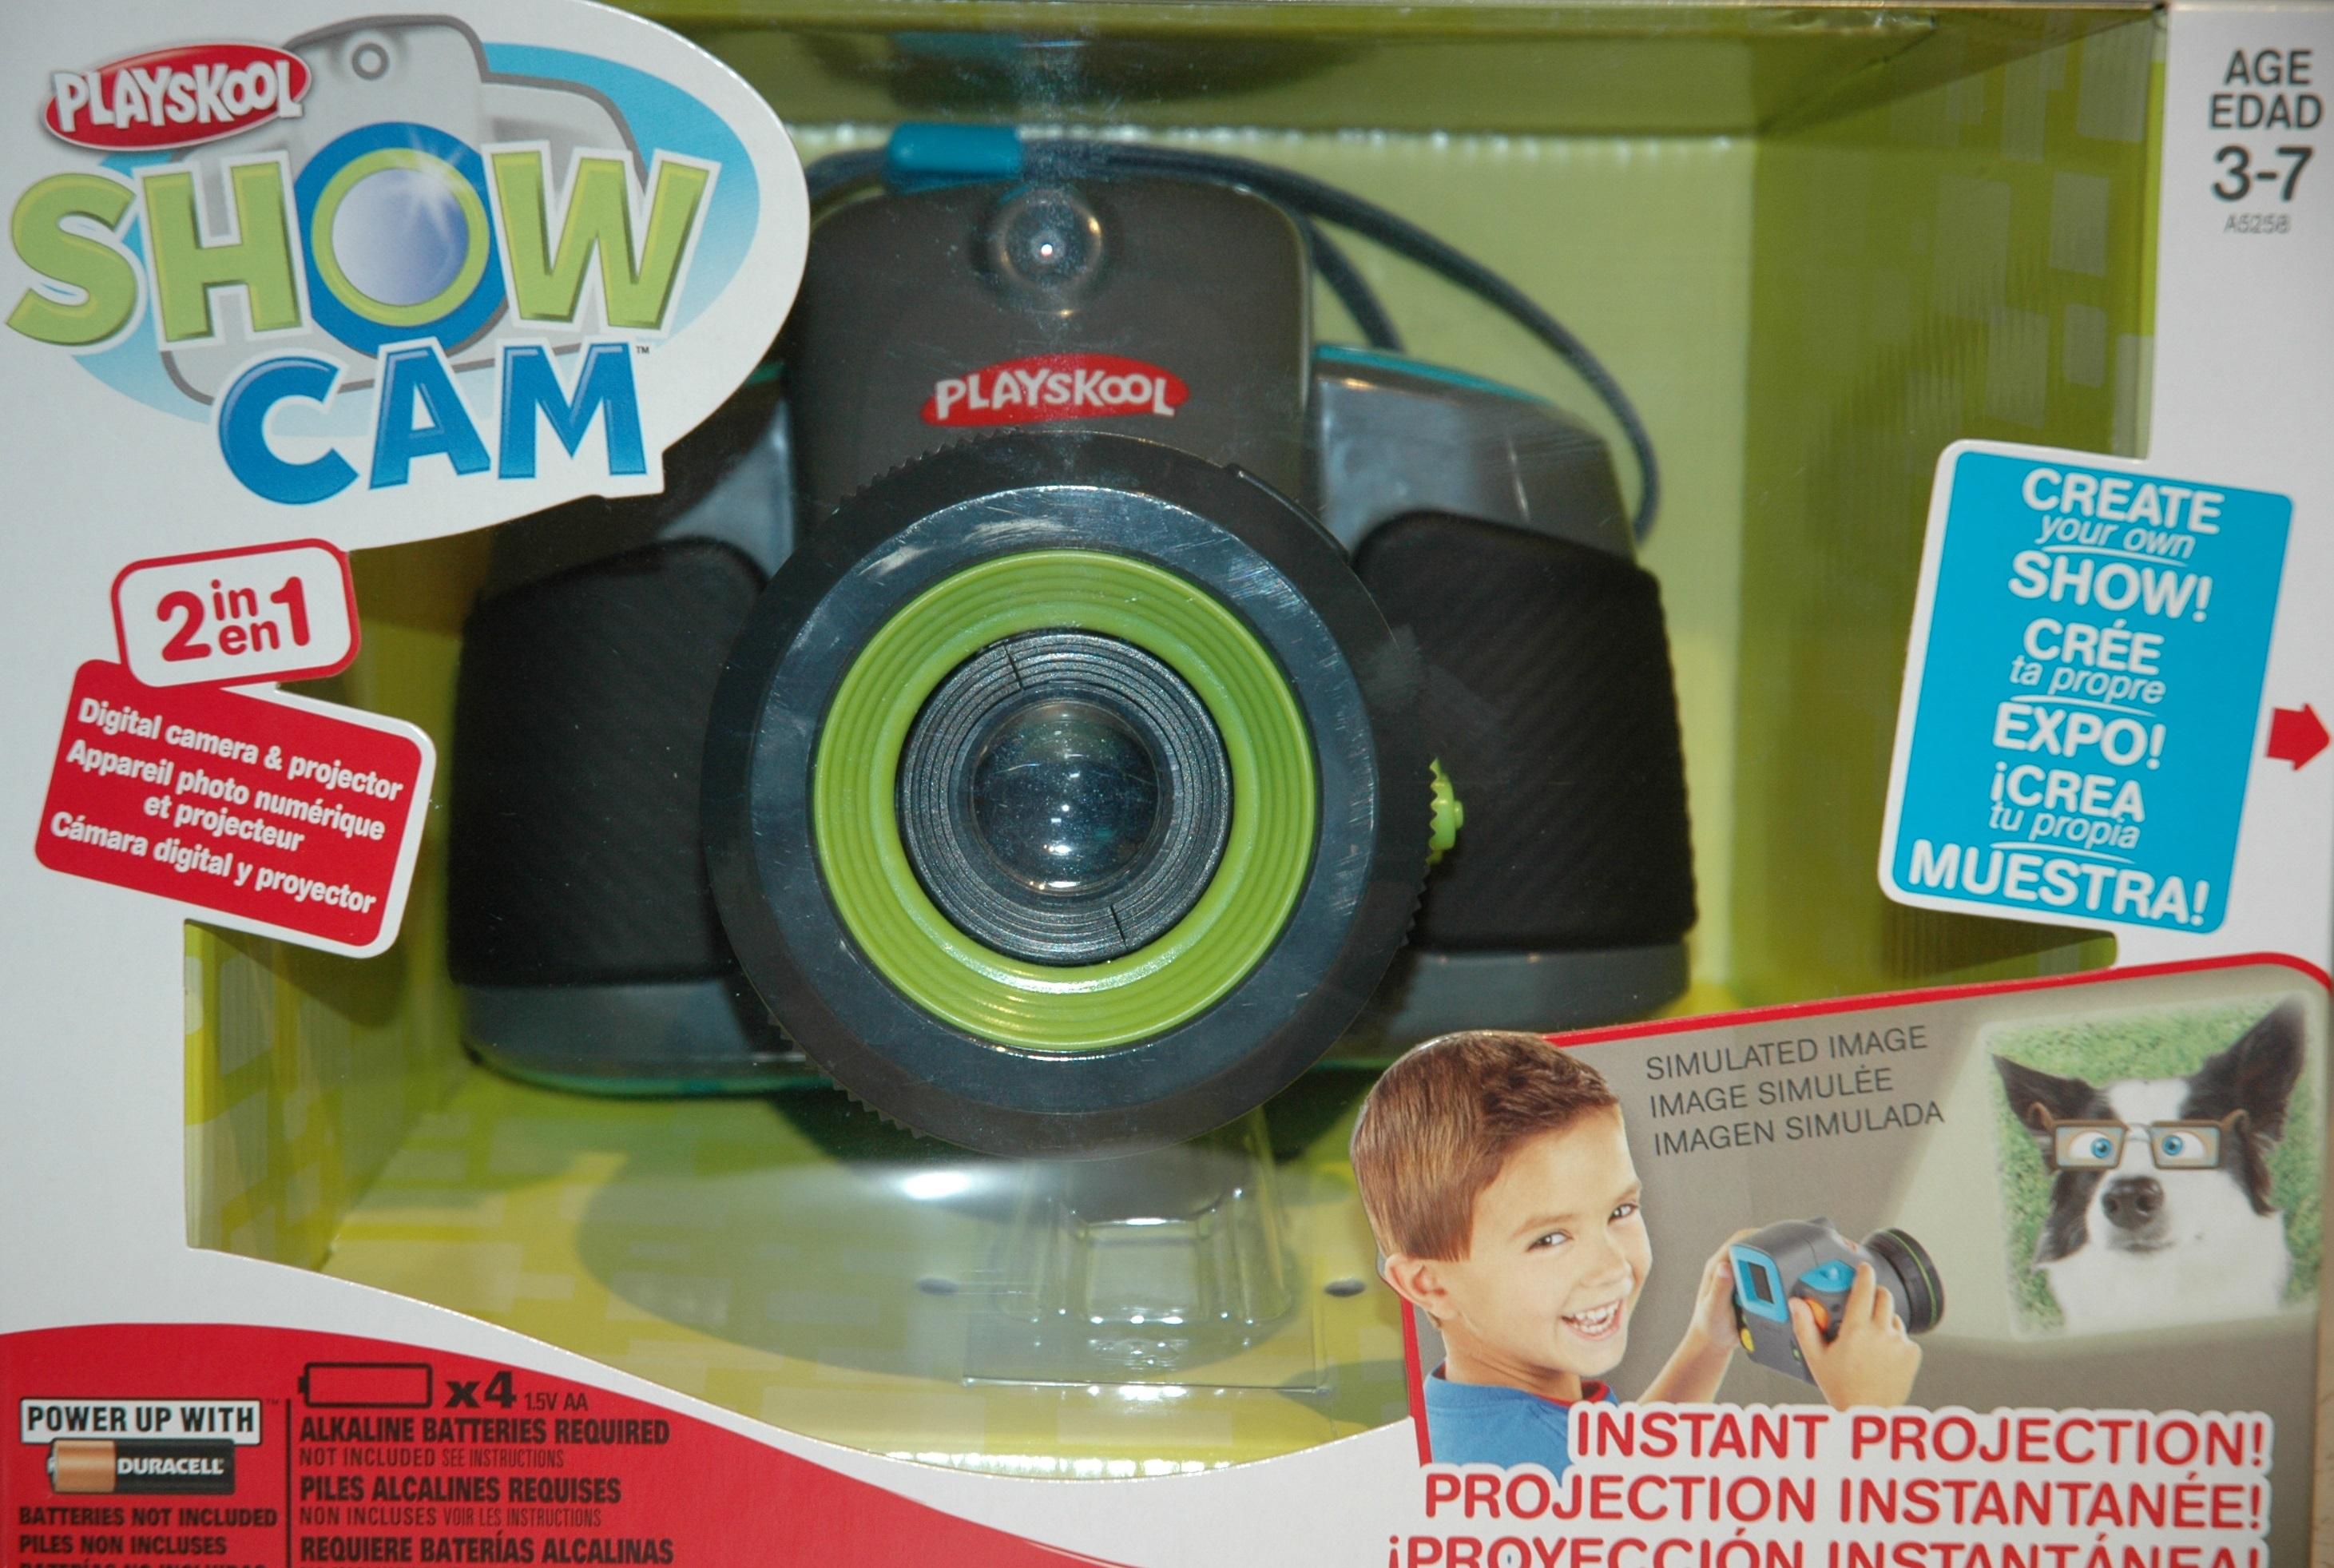 Playskool ShowCam